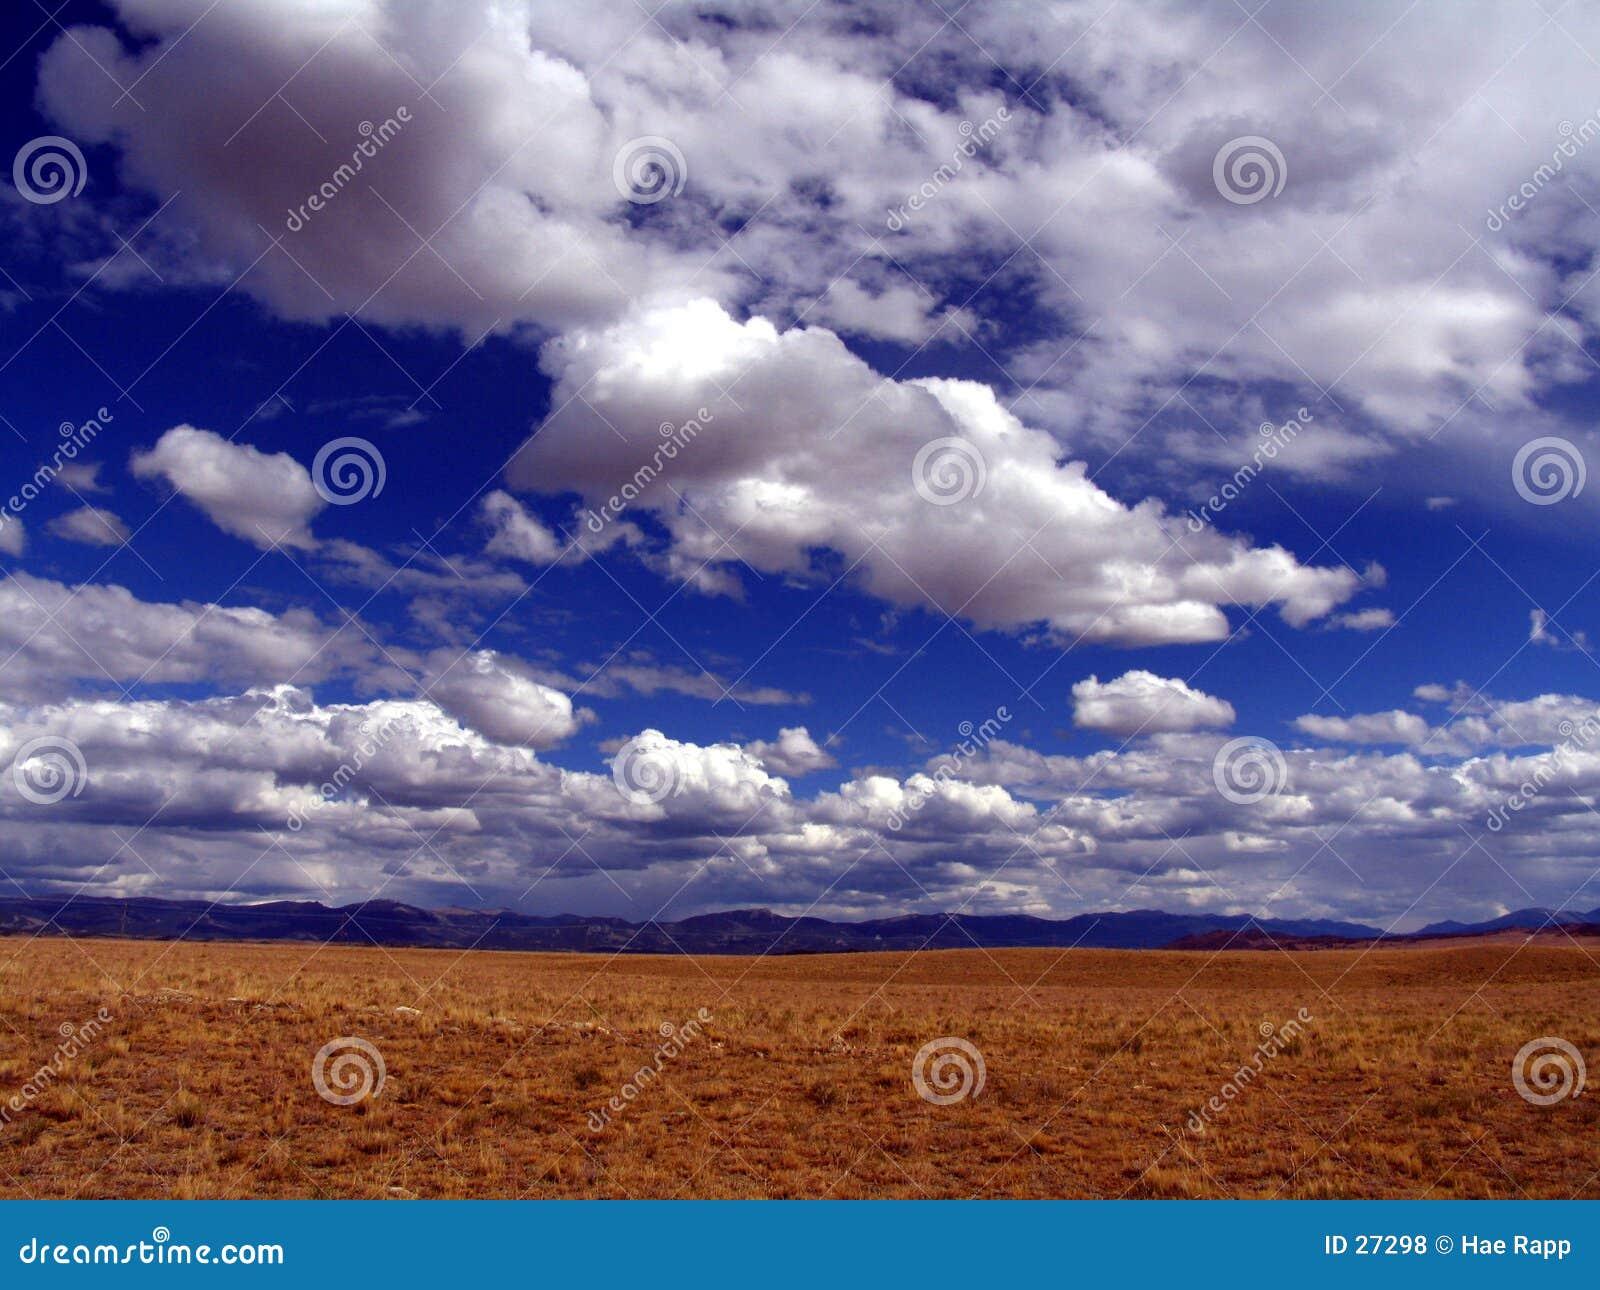 Download Wolken stockfoto. Bild von landschaften, himmel, wolken - 27298